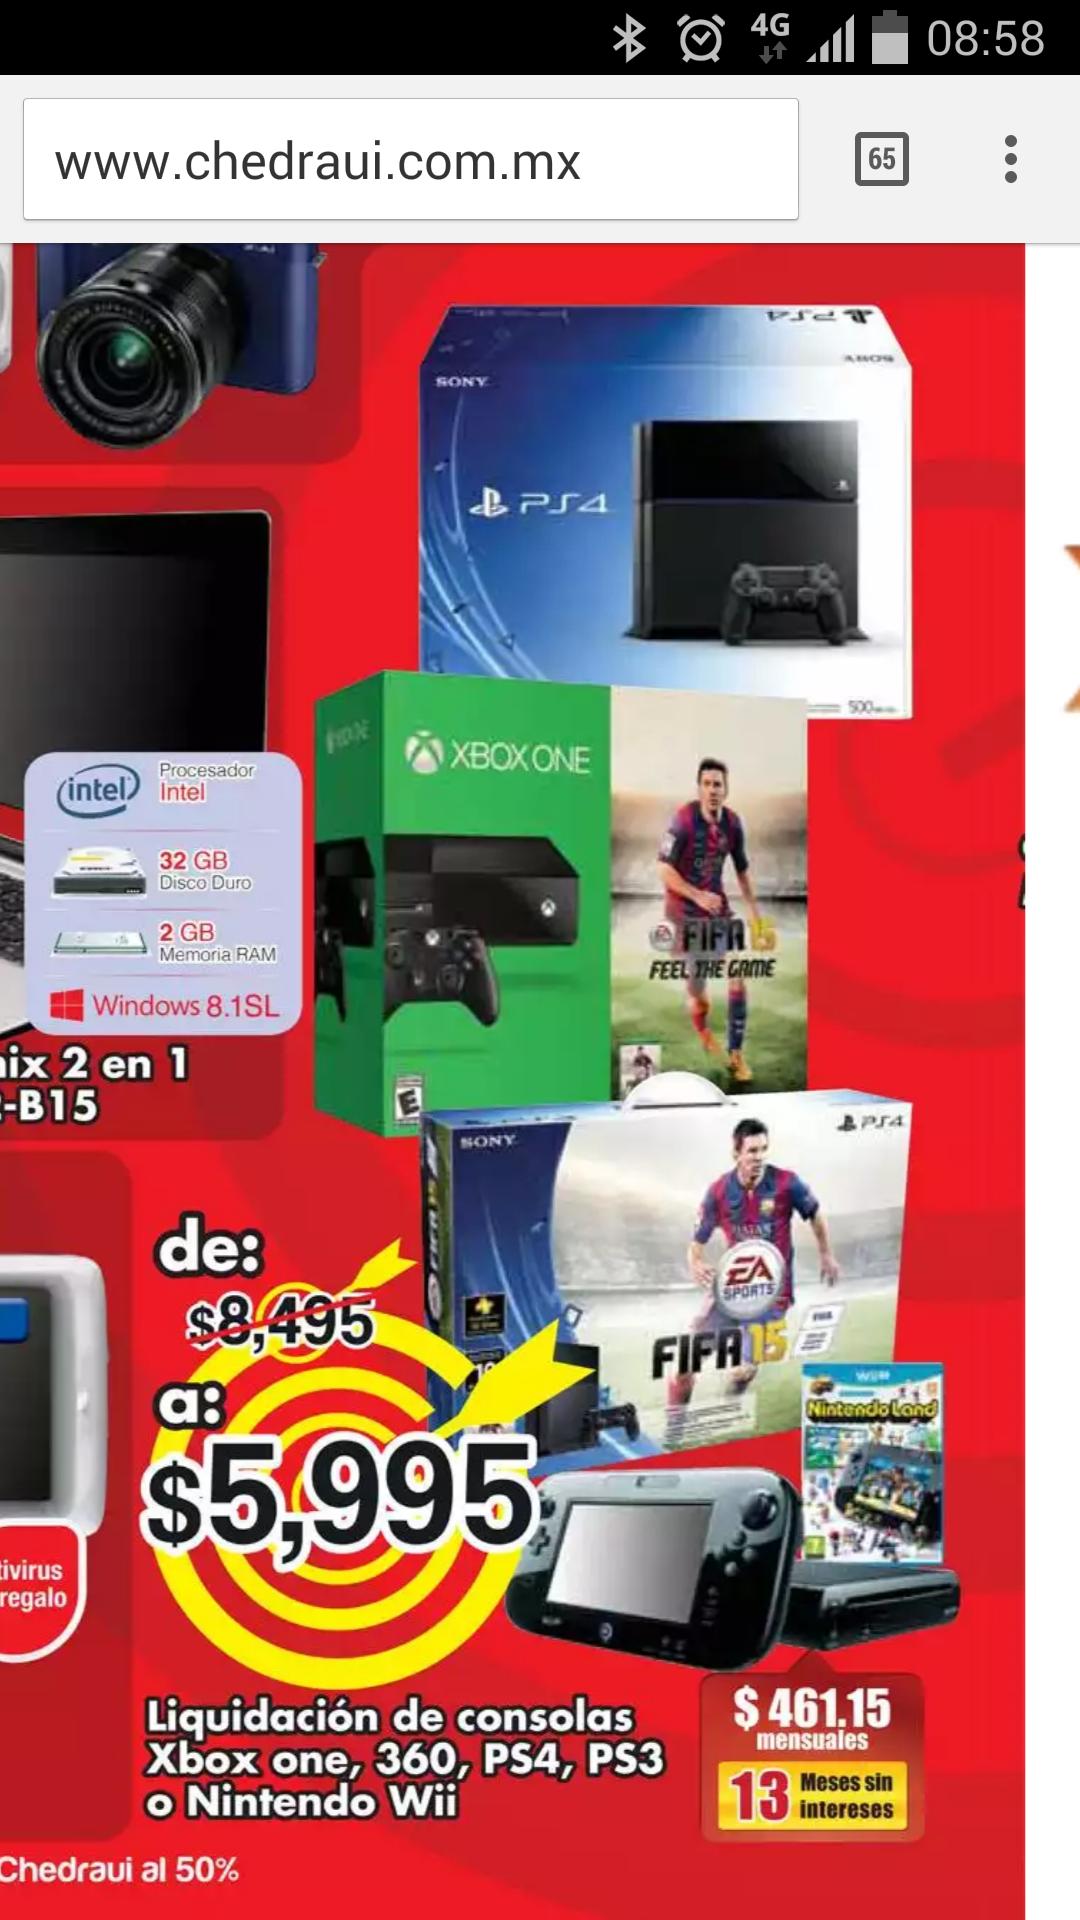 """Chedraui santa fe: """"liquidacion"""" PS4 $5,999"""